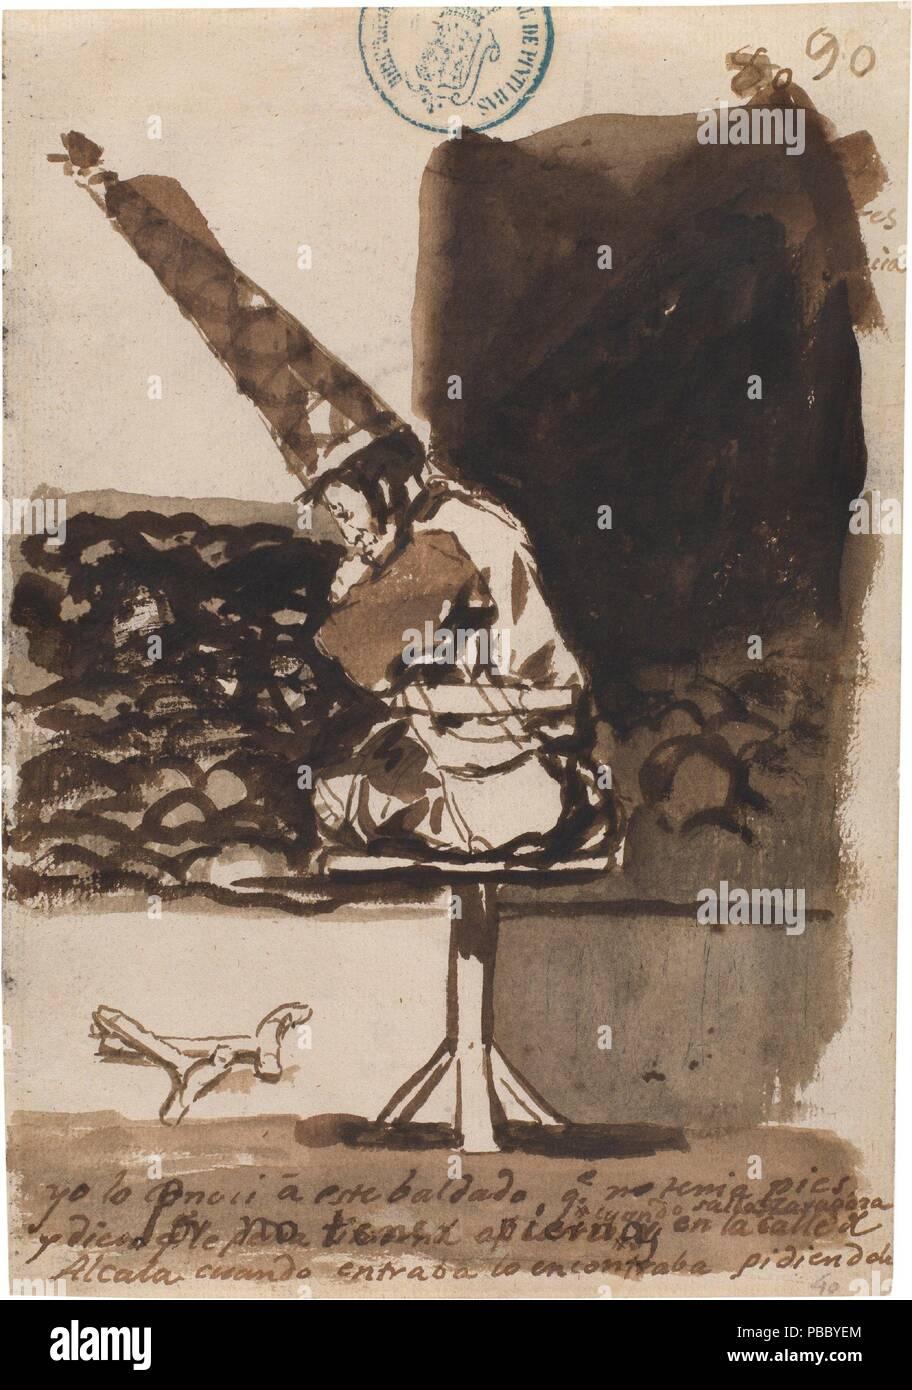 Francisco de Goya y Lucientes / 'Por no tener piernas. Album C, 90'. 1810 - 1811. Wash, Brush, Grey-brown ink, Iron gall ink on laid paper. Museum: Museo del Prado, Madrid, España. - Stock Image